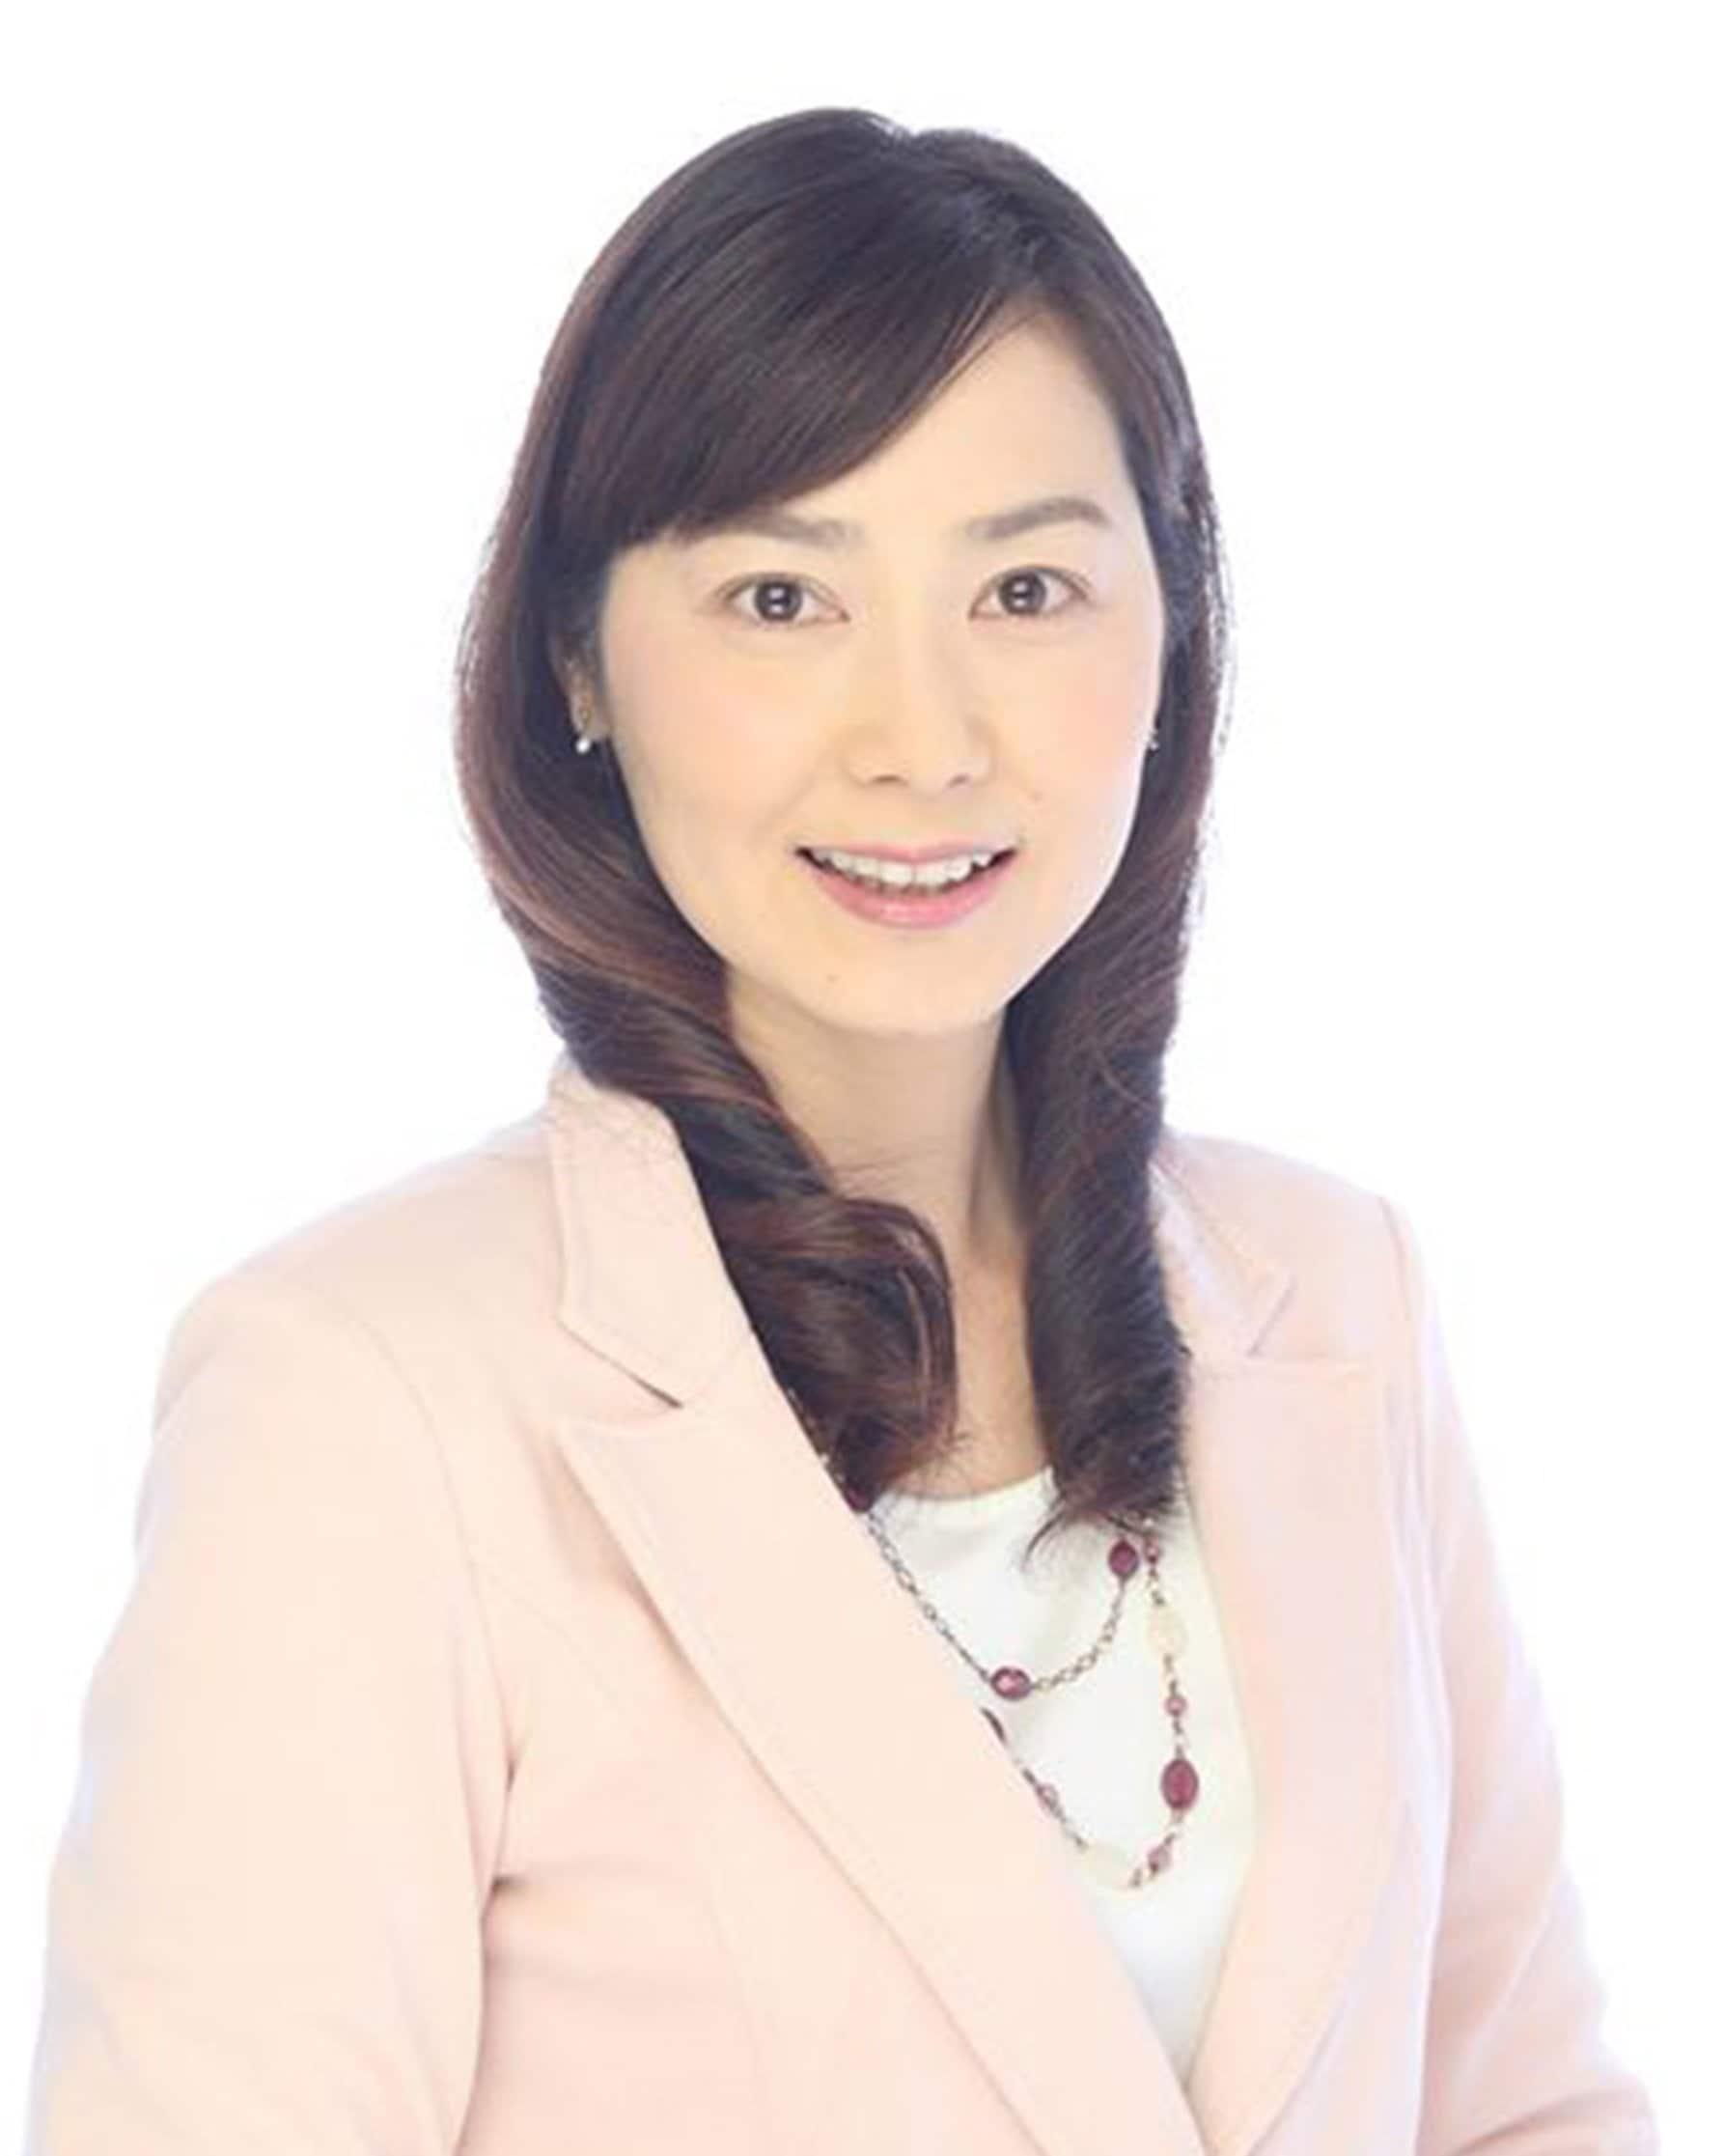 元NHKニュースキャスターが教える話し方トレーニング【オンラインベーシックコース全6回】のイメージその1